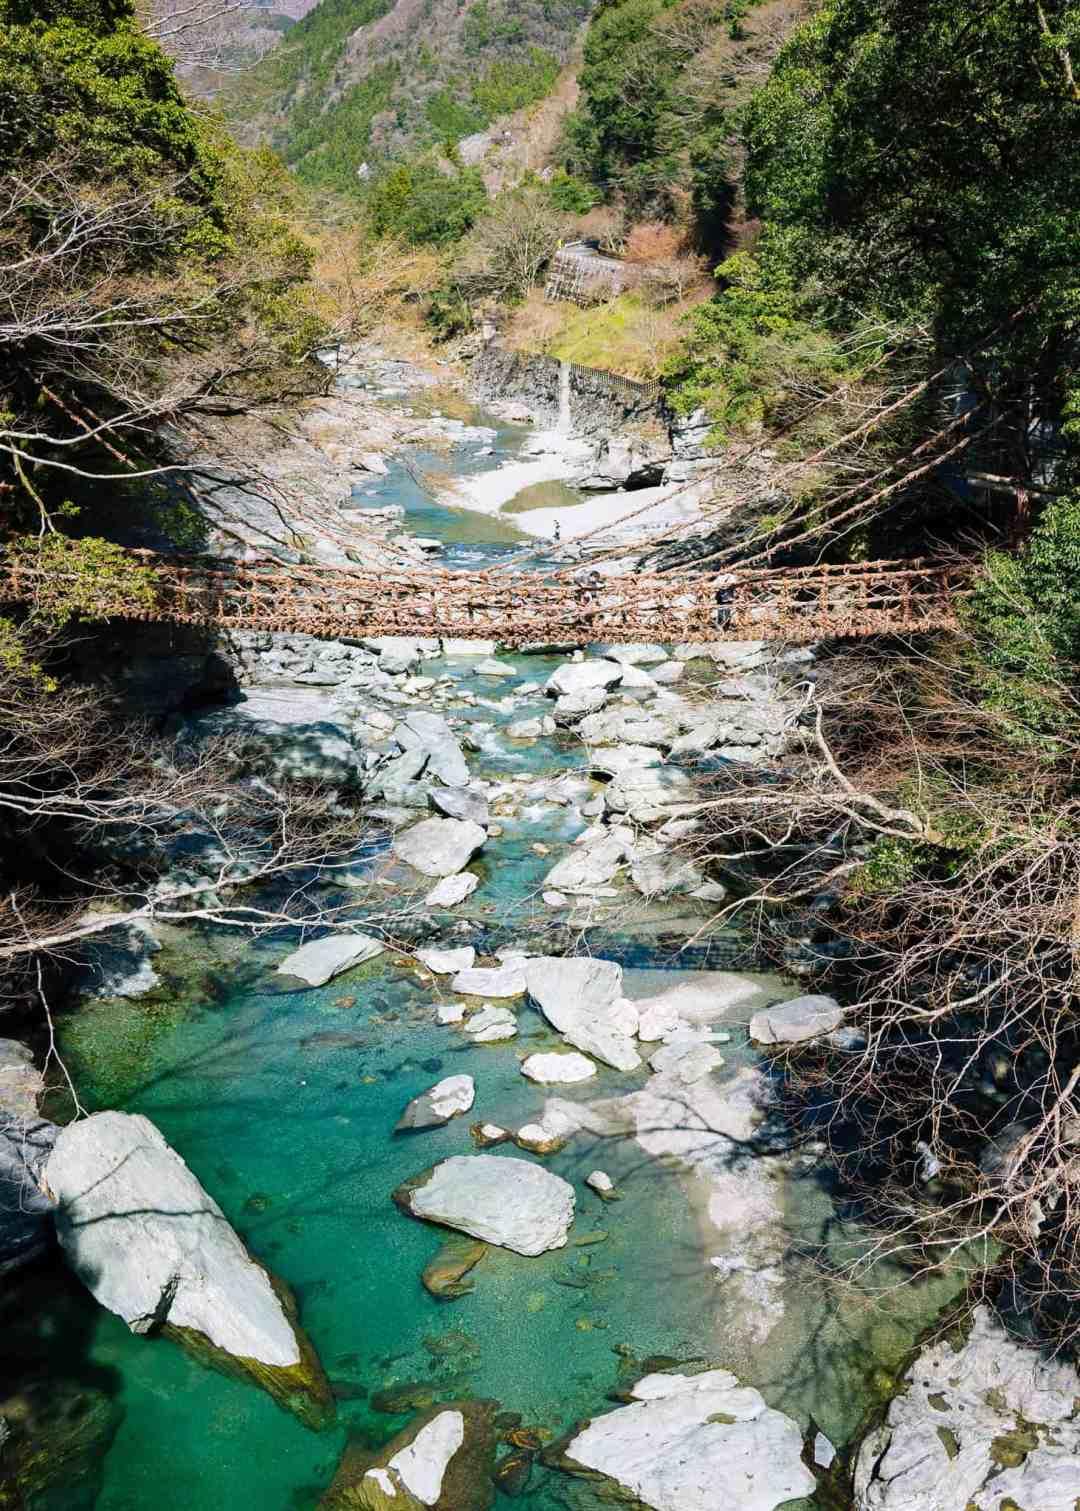 Kazurabashi bridge over the Iya valley